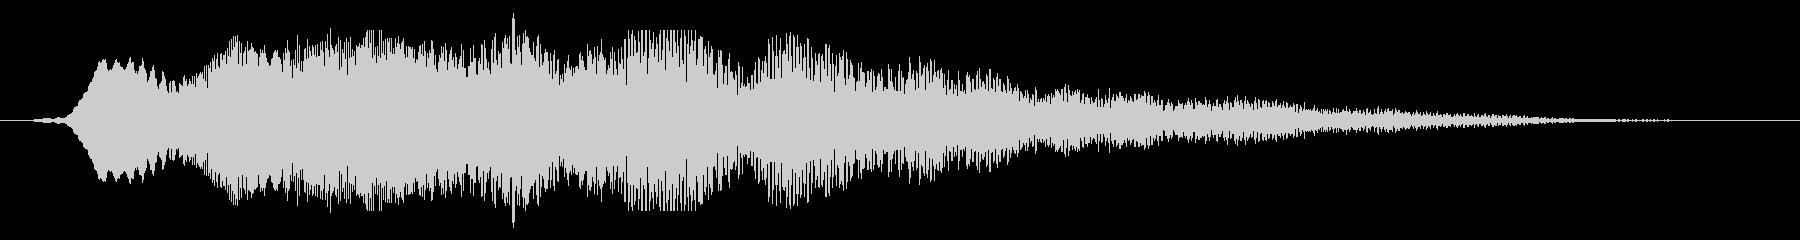 ダークプレースシンセスウェルまたは...の未再生の波形